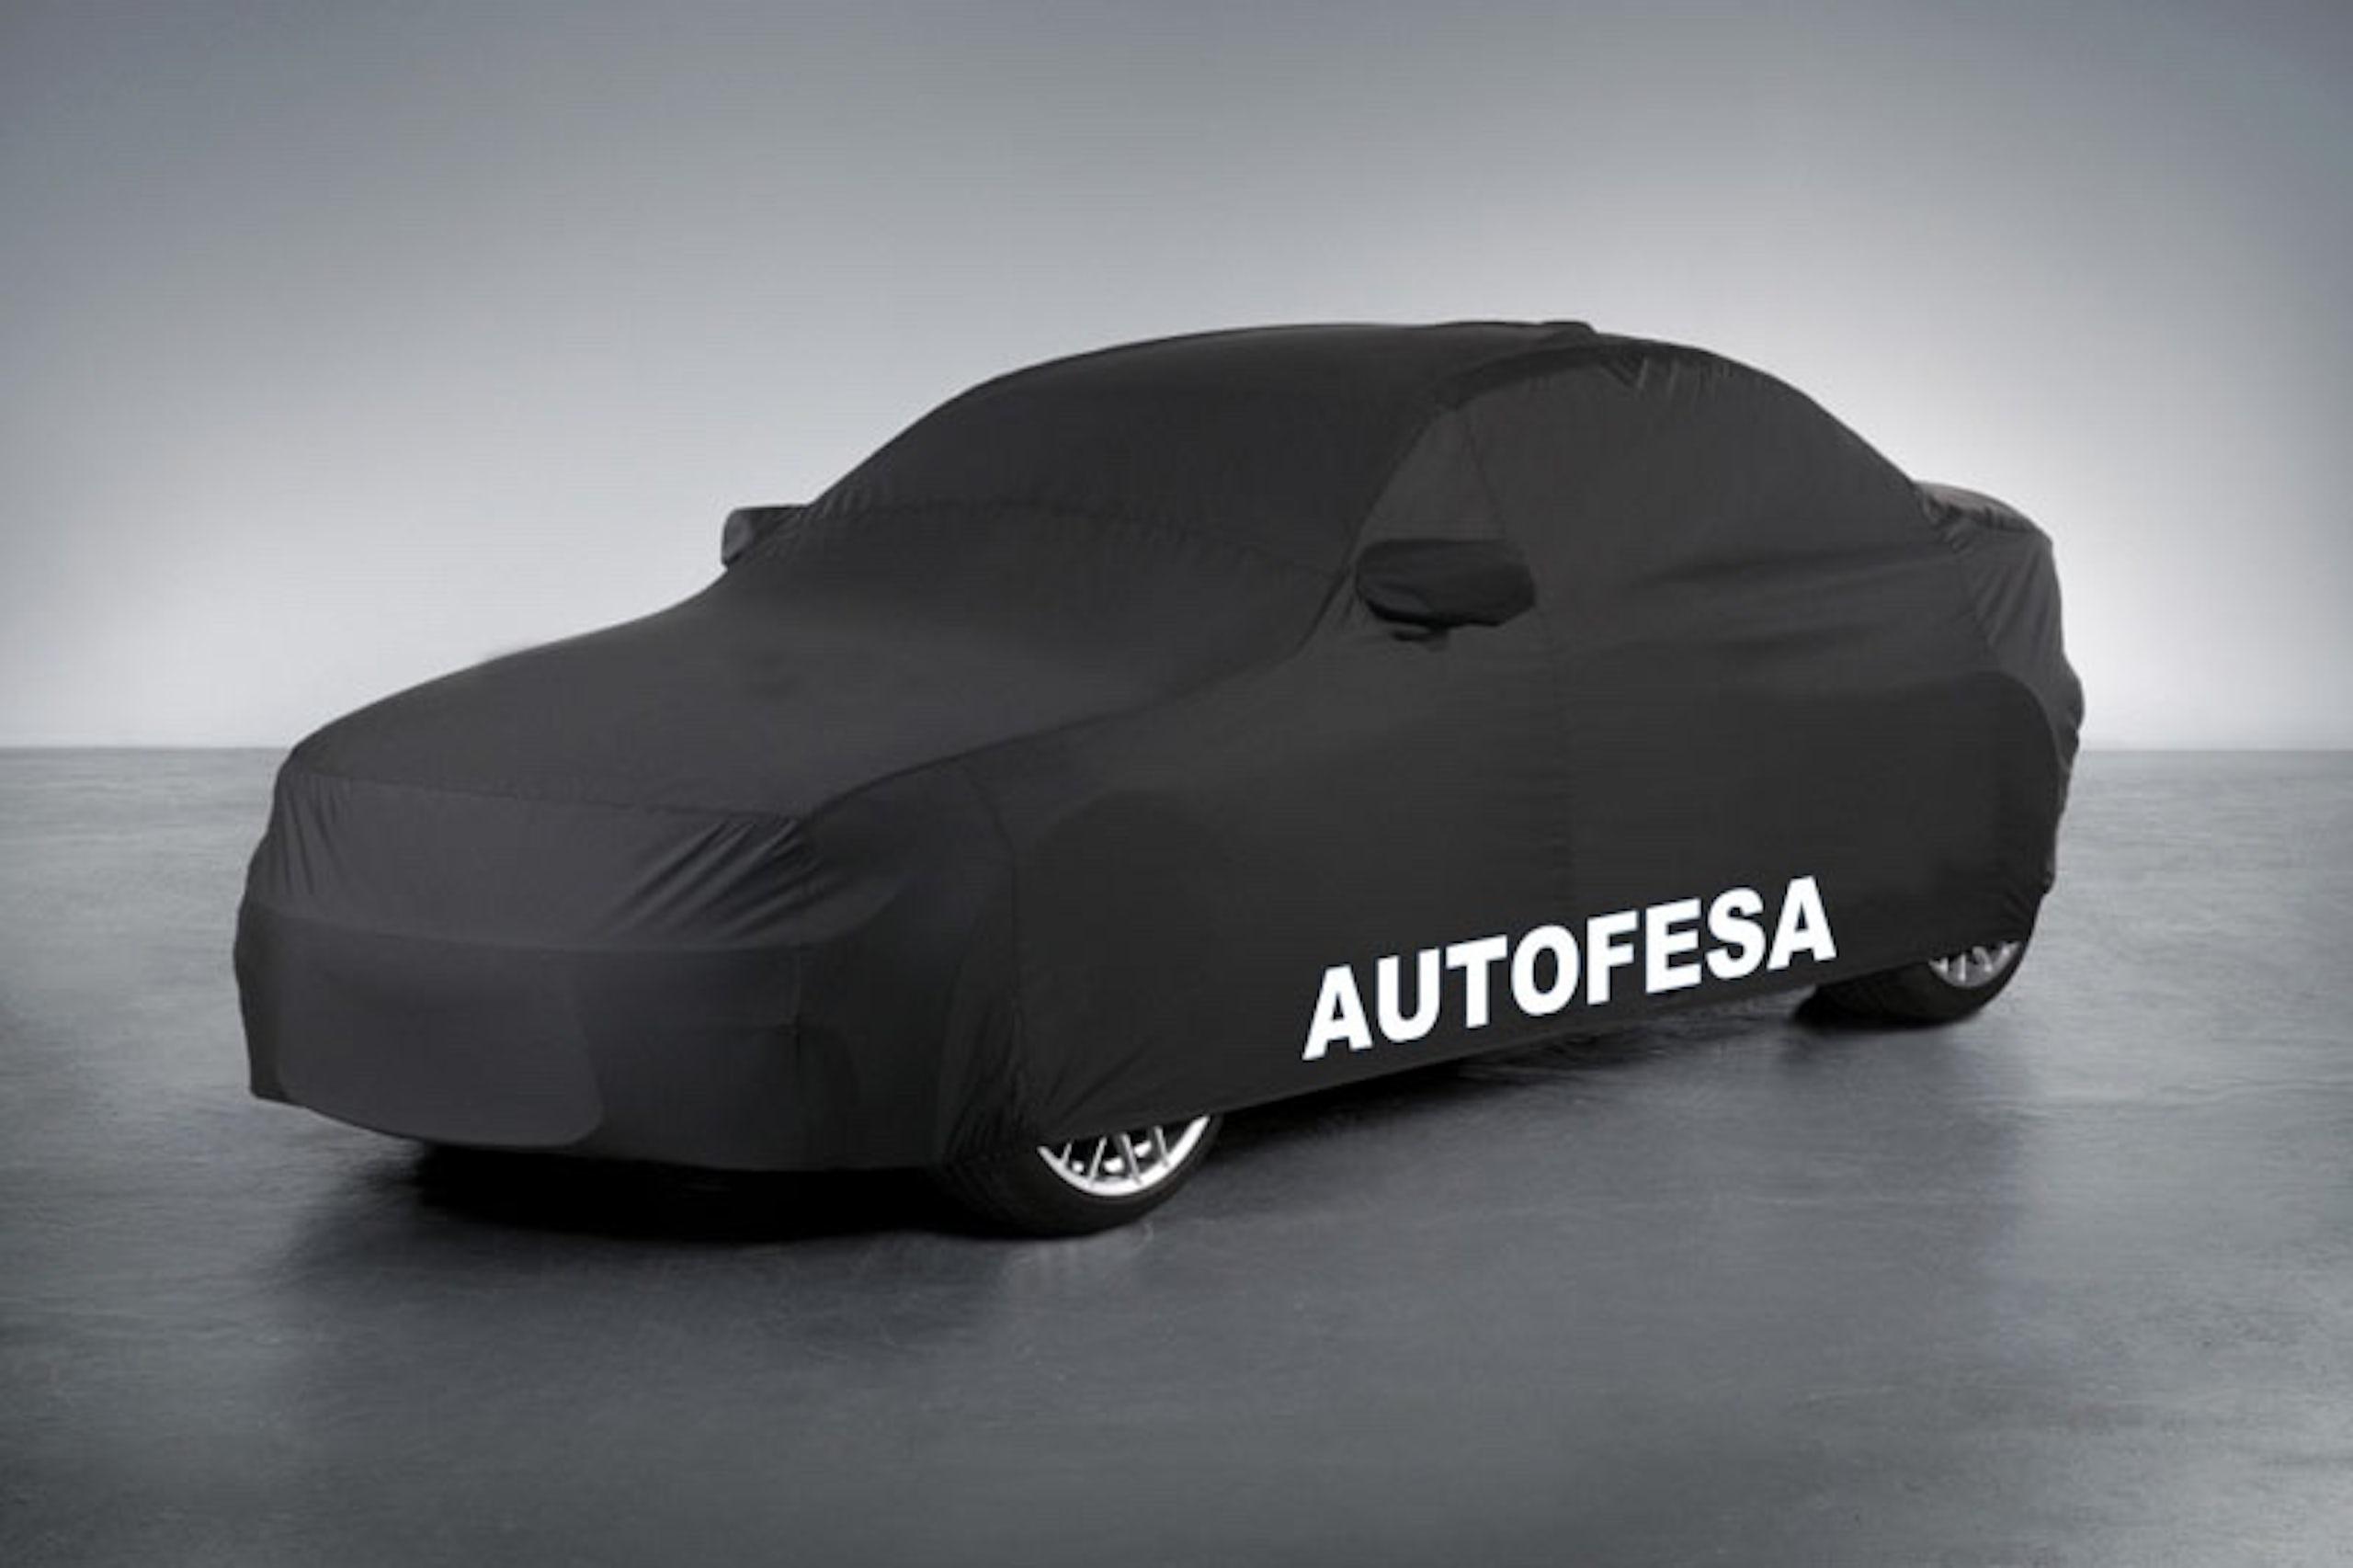 Audi Tts S Coupé 2.0 TFSI 245cv quattro S Line 3p S tronic Auto S/S - Foto 38